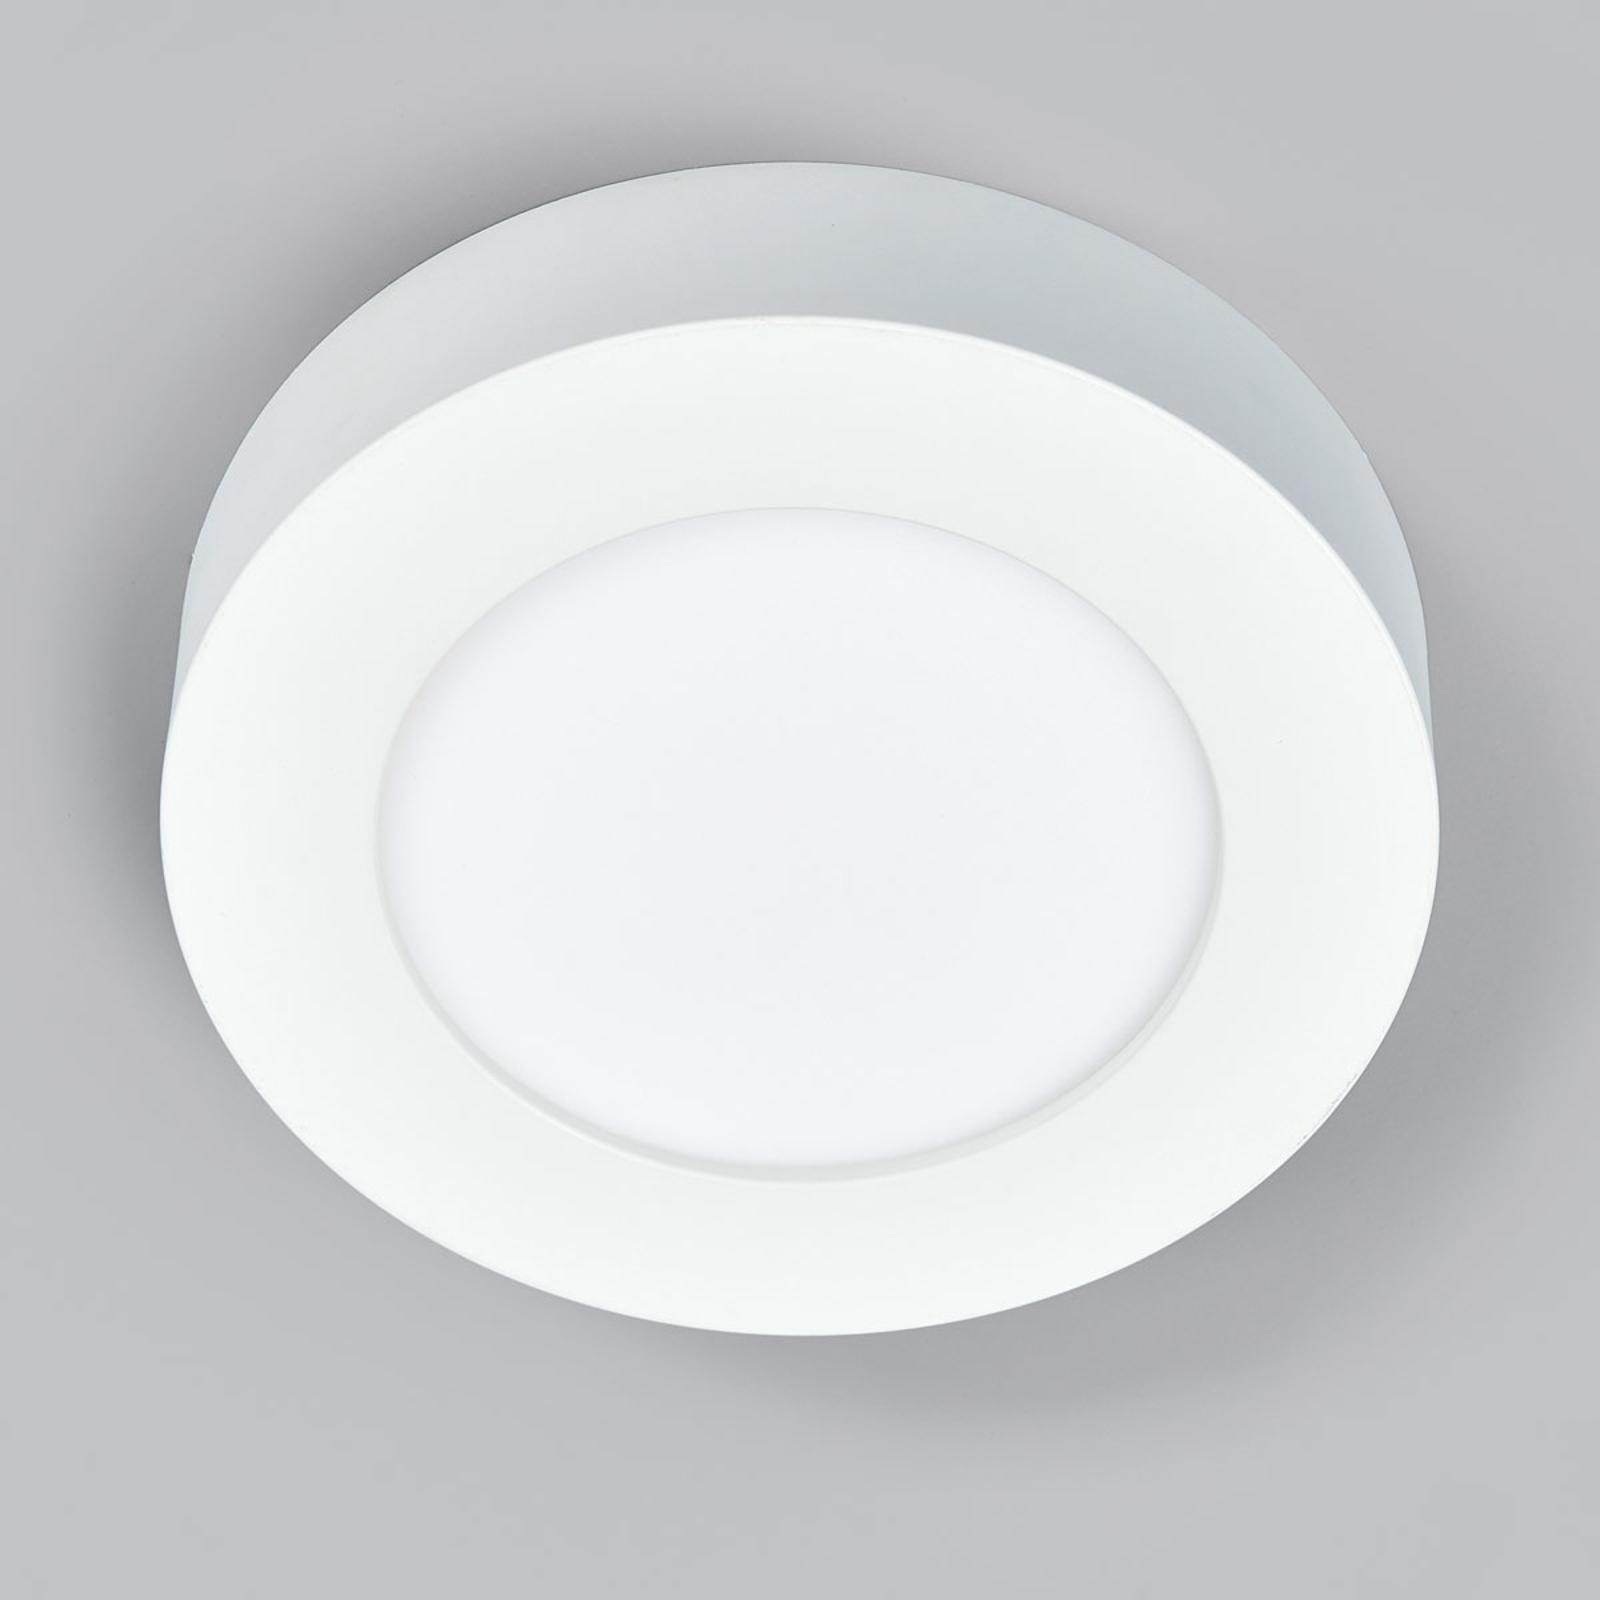 LED-Deckenlampe Marlo weiß 4000K rund 18,2cm